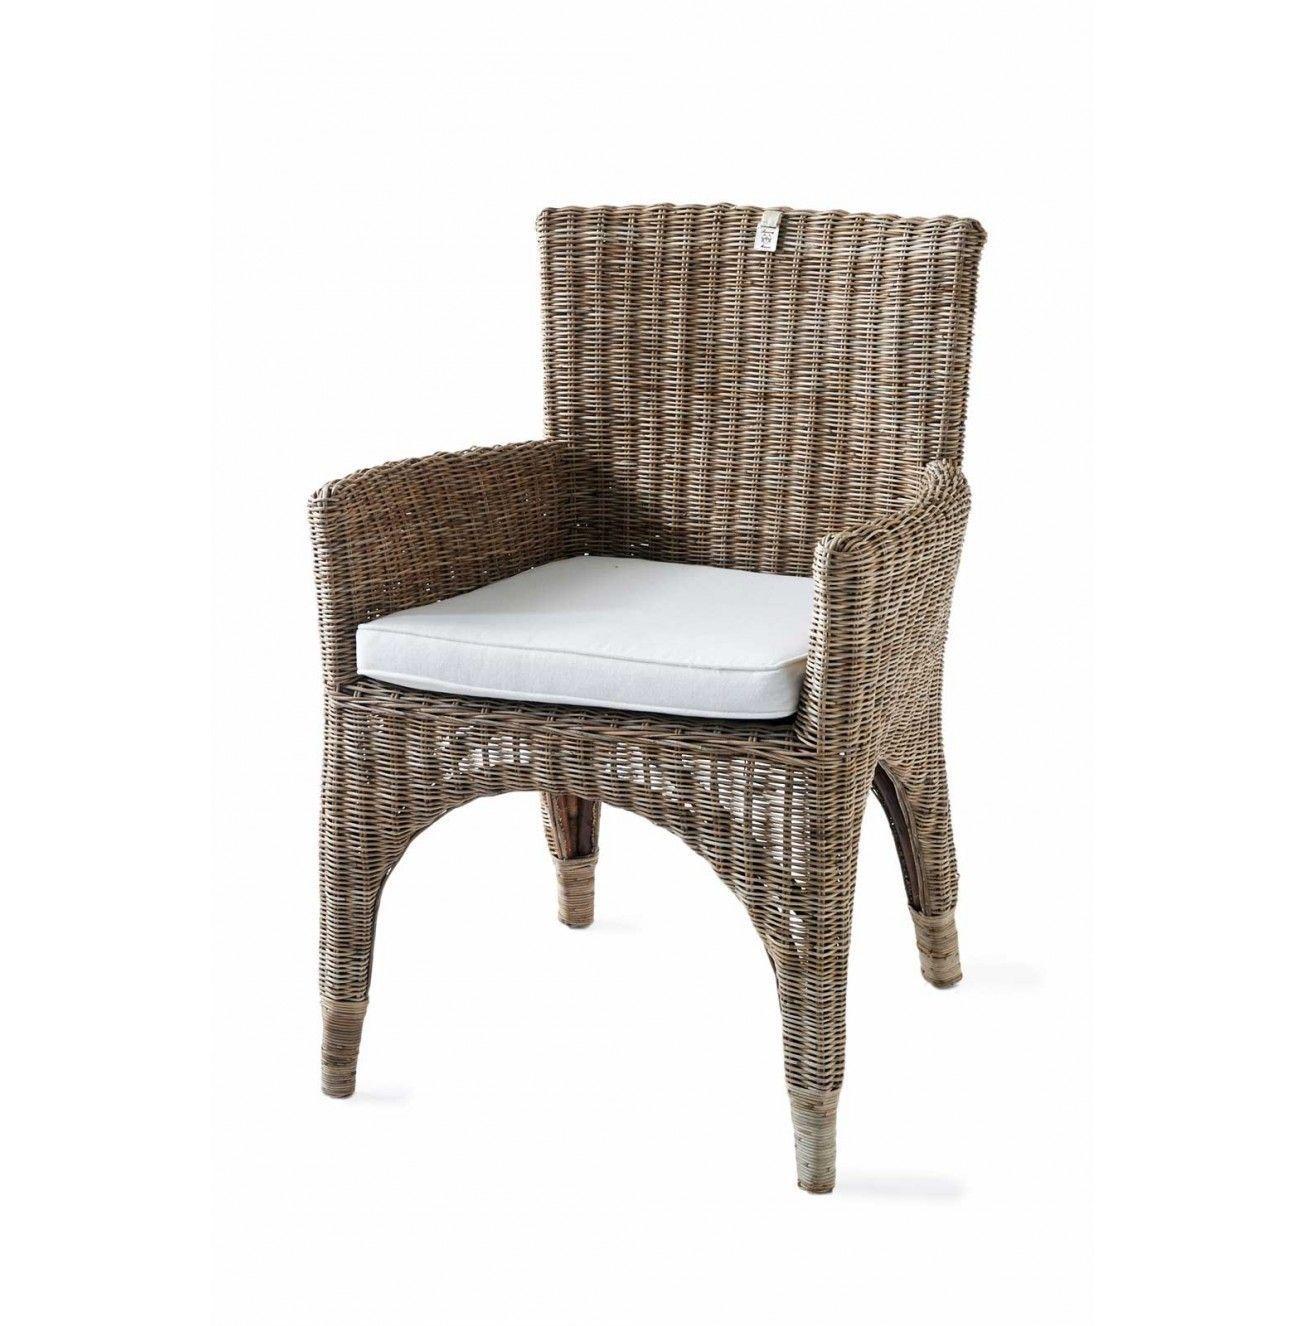 Ratanová jídelní židle The Hamptons